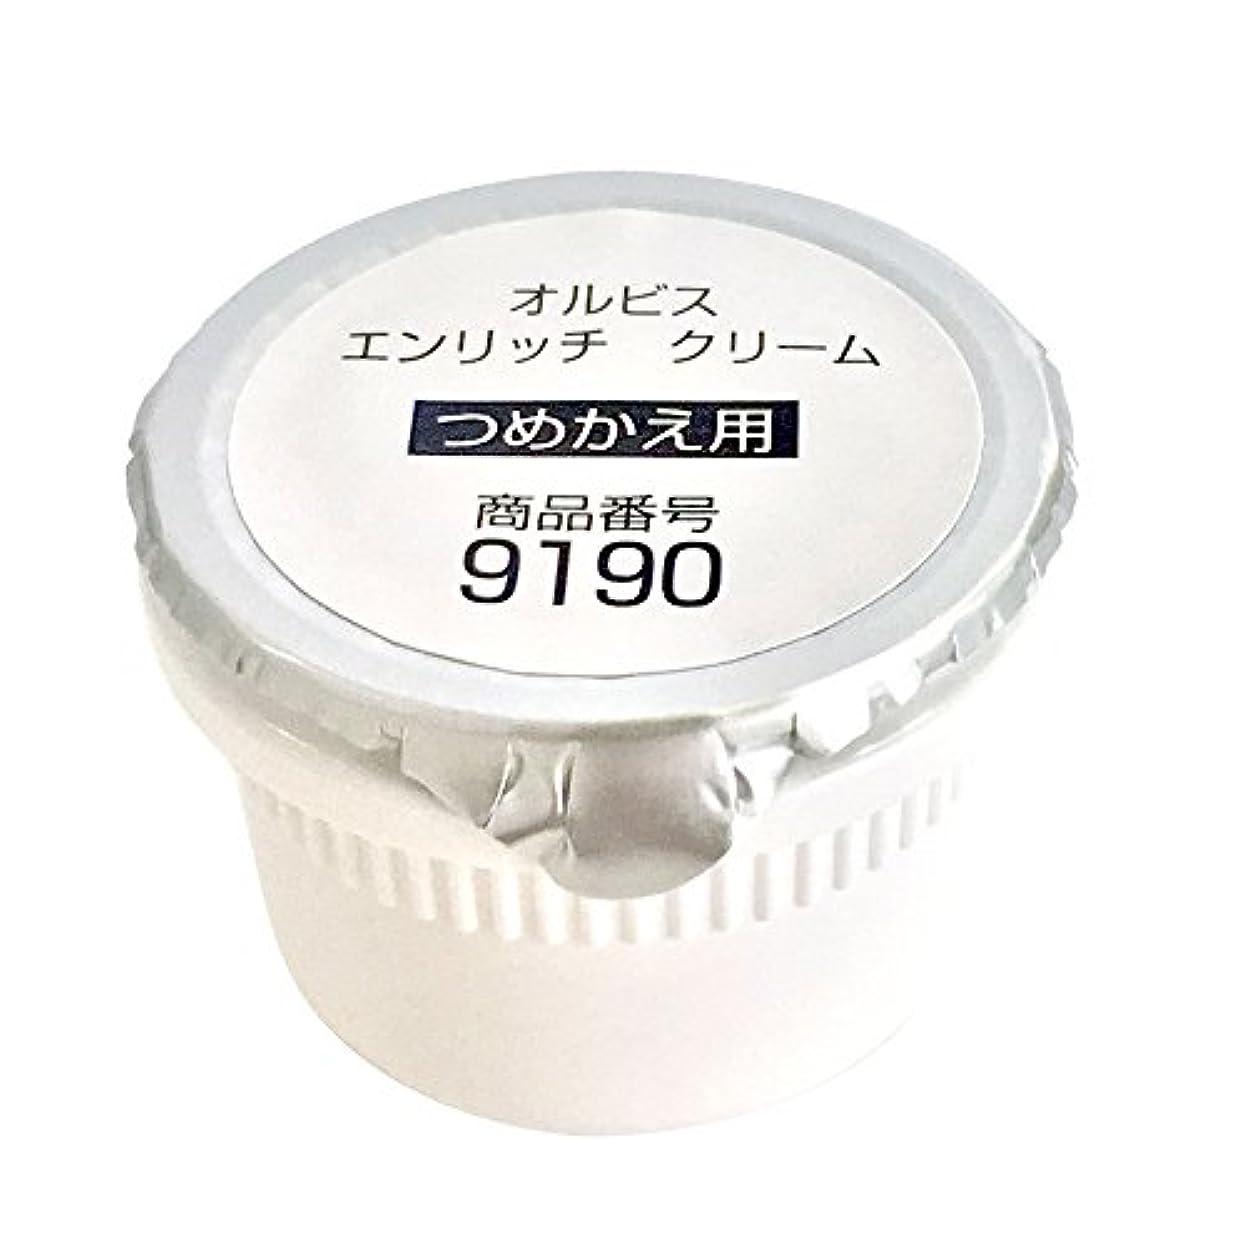 想像力弾薬範囲オルビス(ORBIS) エンリッチ クリーム 詰替 30g ◎エイジングケアクリーム◎